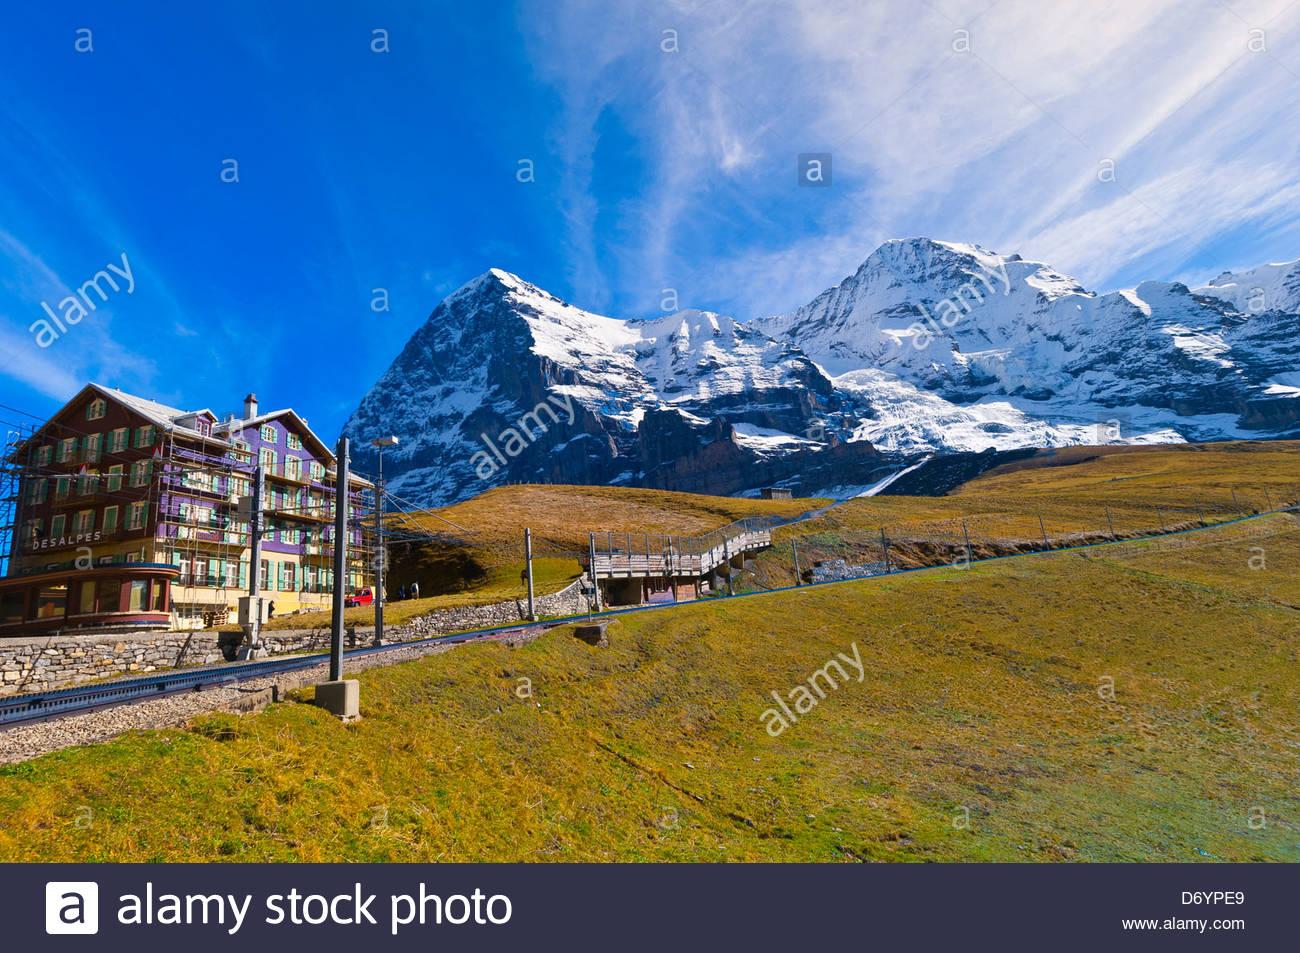 Kleine Scheidegg, Canton Bern, Switzerland - Stock Image